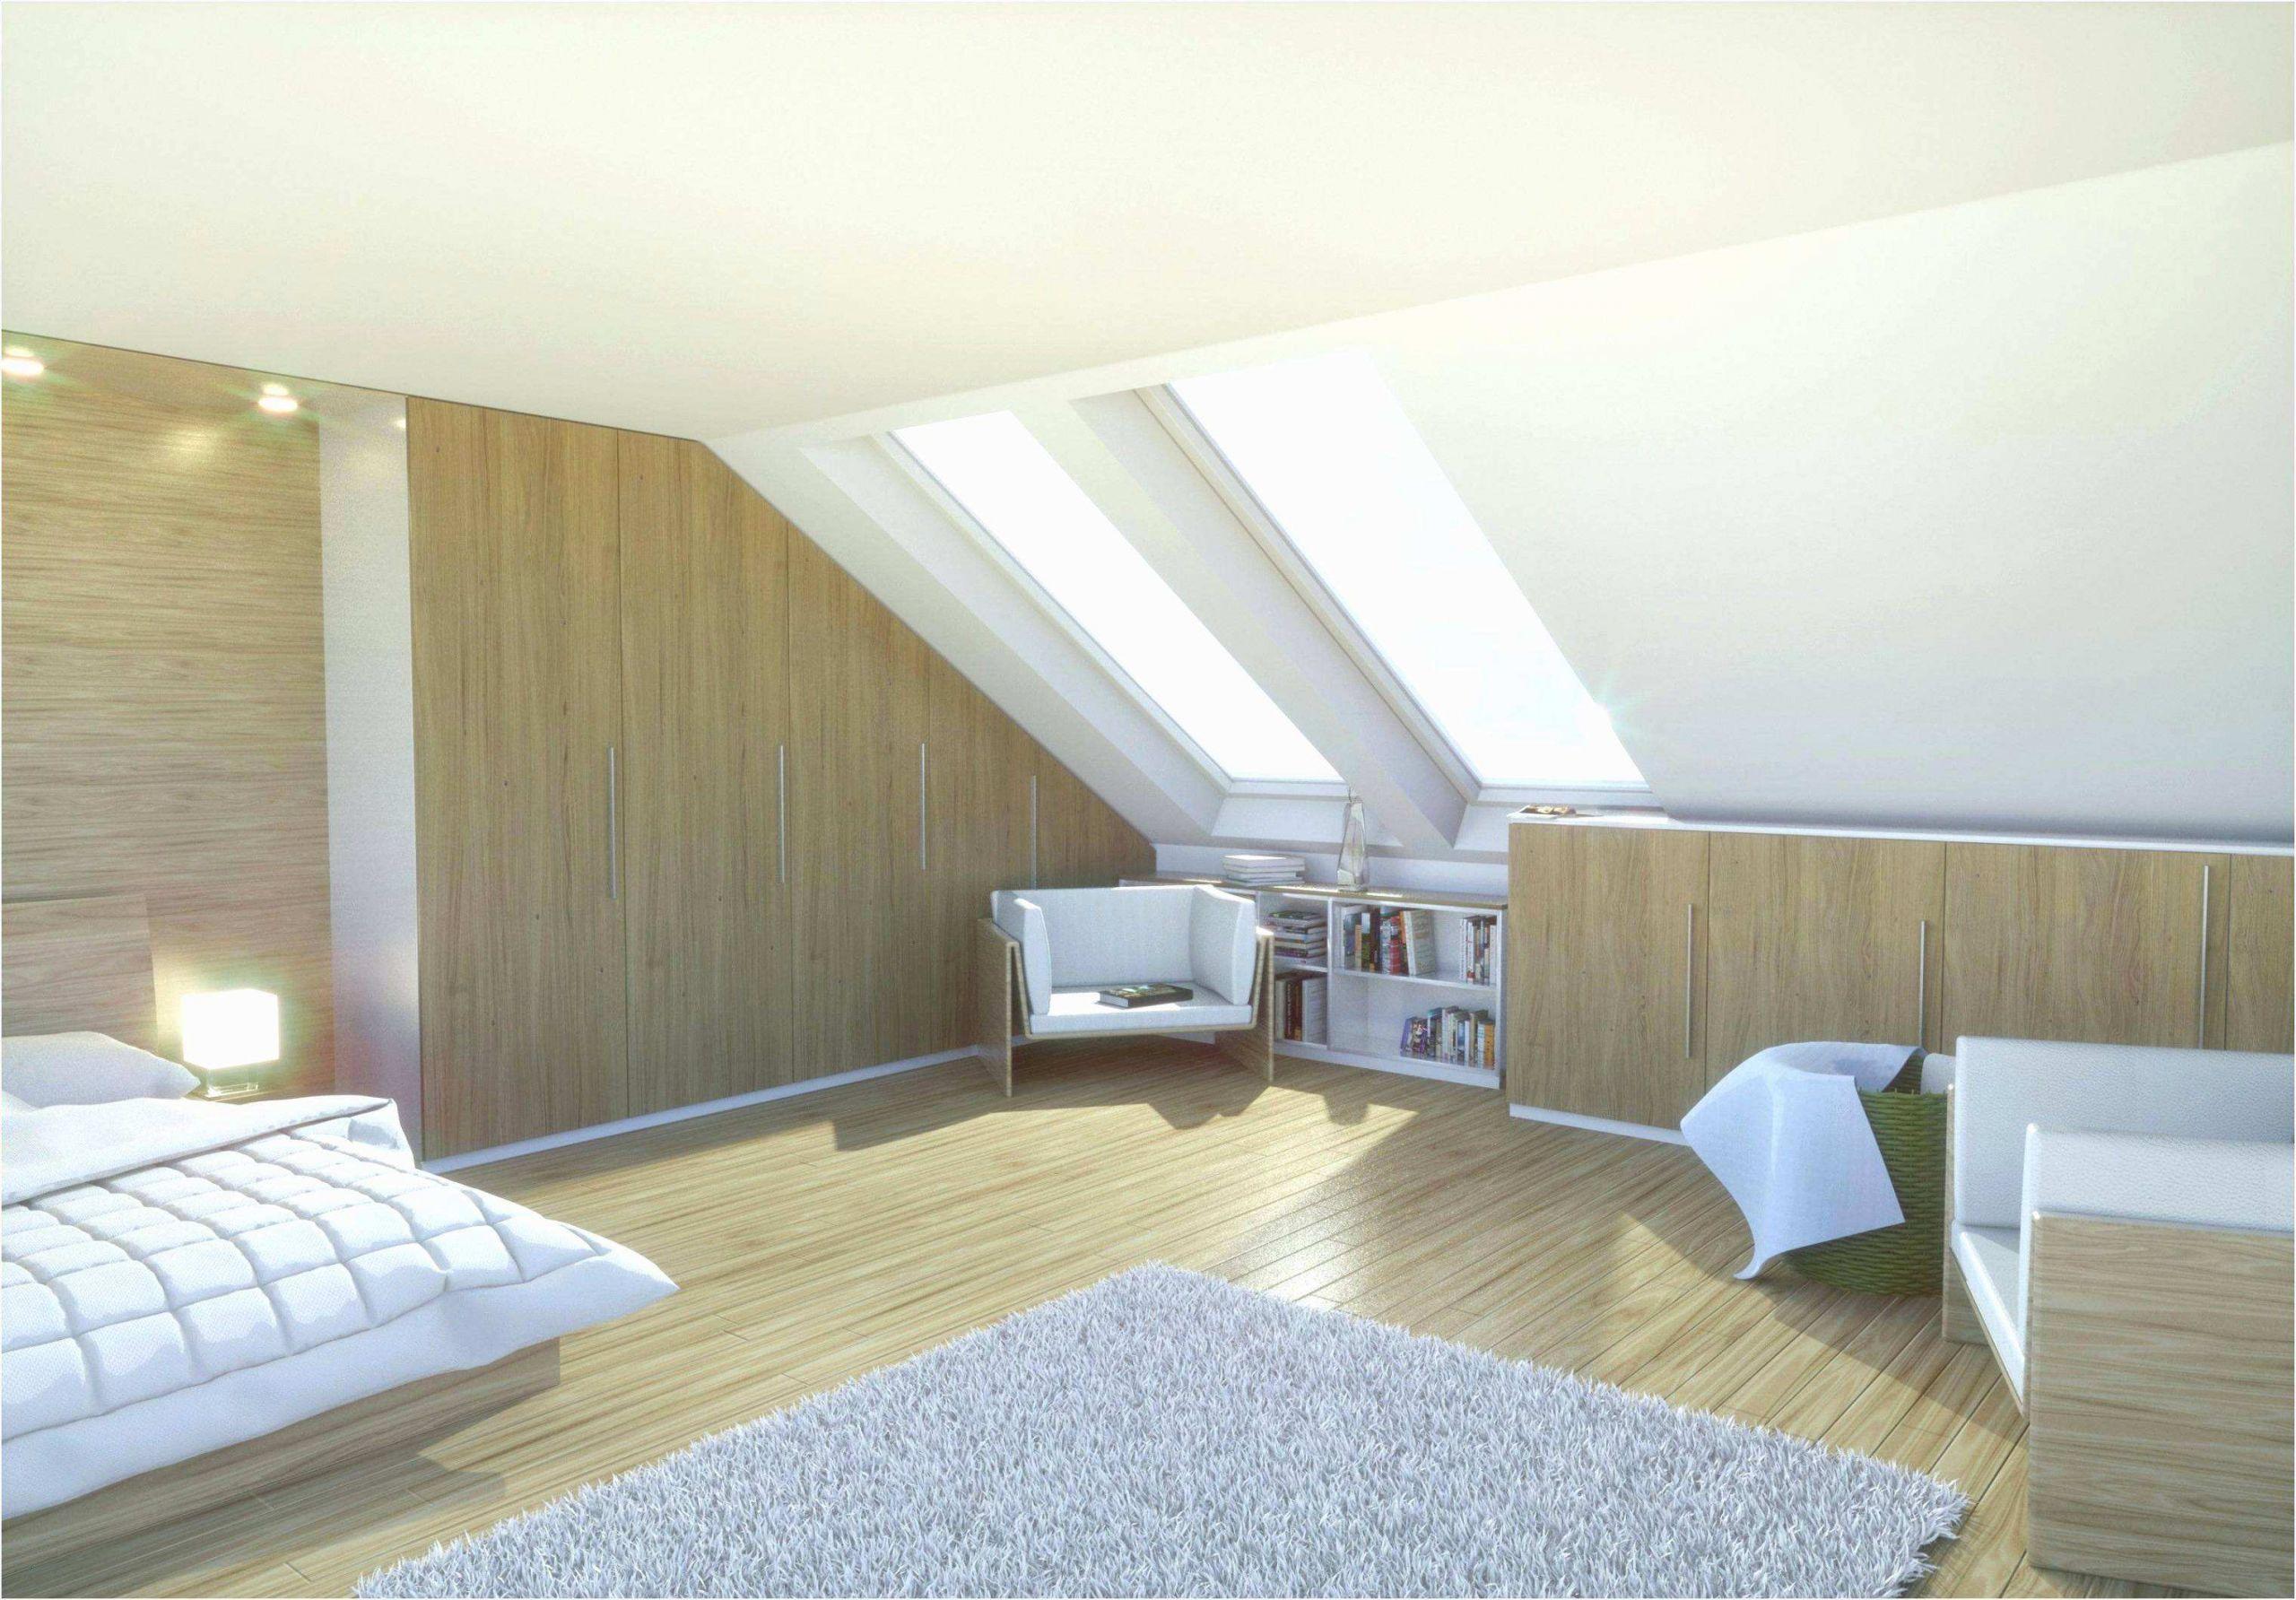 Balkon Deko Ideen Best Of Wohnung Dekorieren Ideen Neu Schön Deko Wohnzimmer Modern